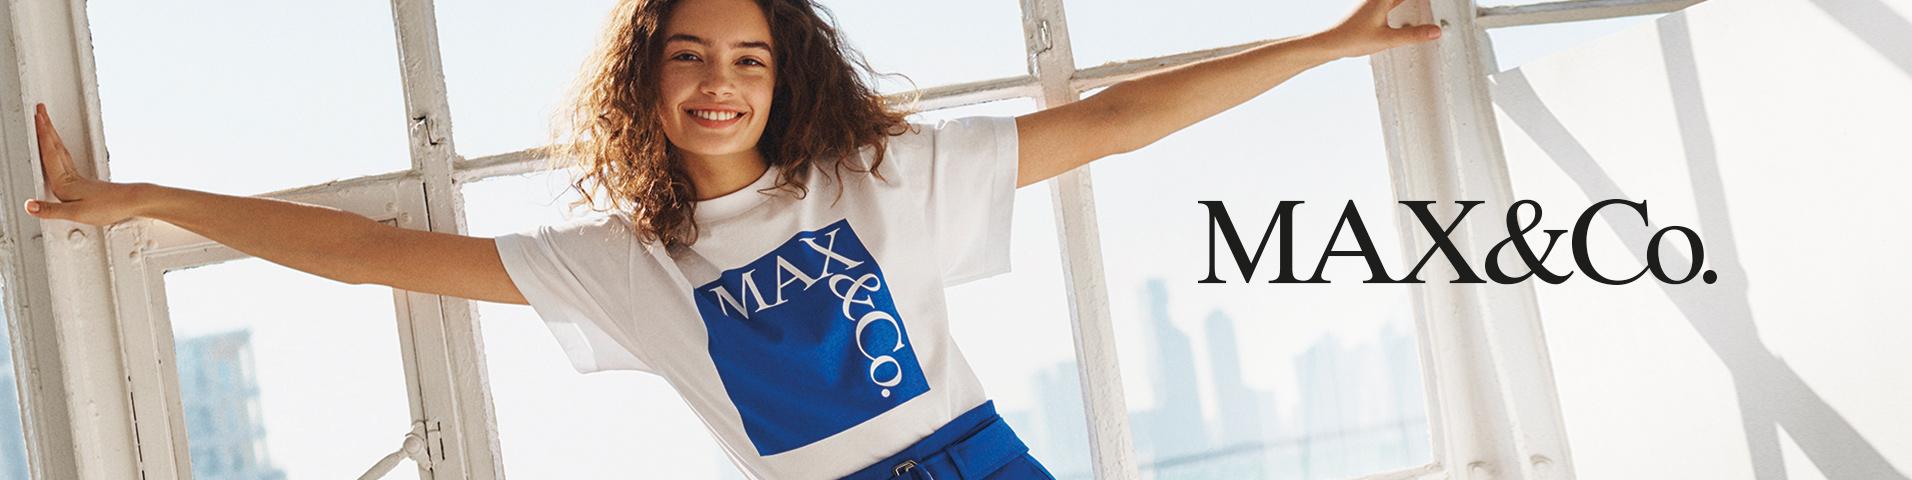 100% authentic 96c36 9411b MAX&Co. | La nuova collezione online su Zalando